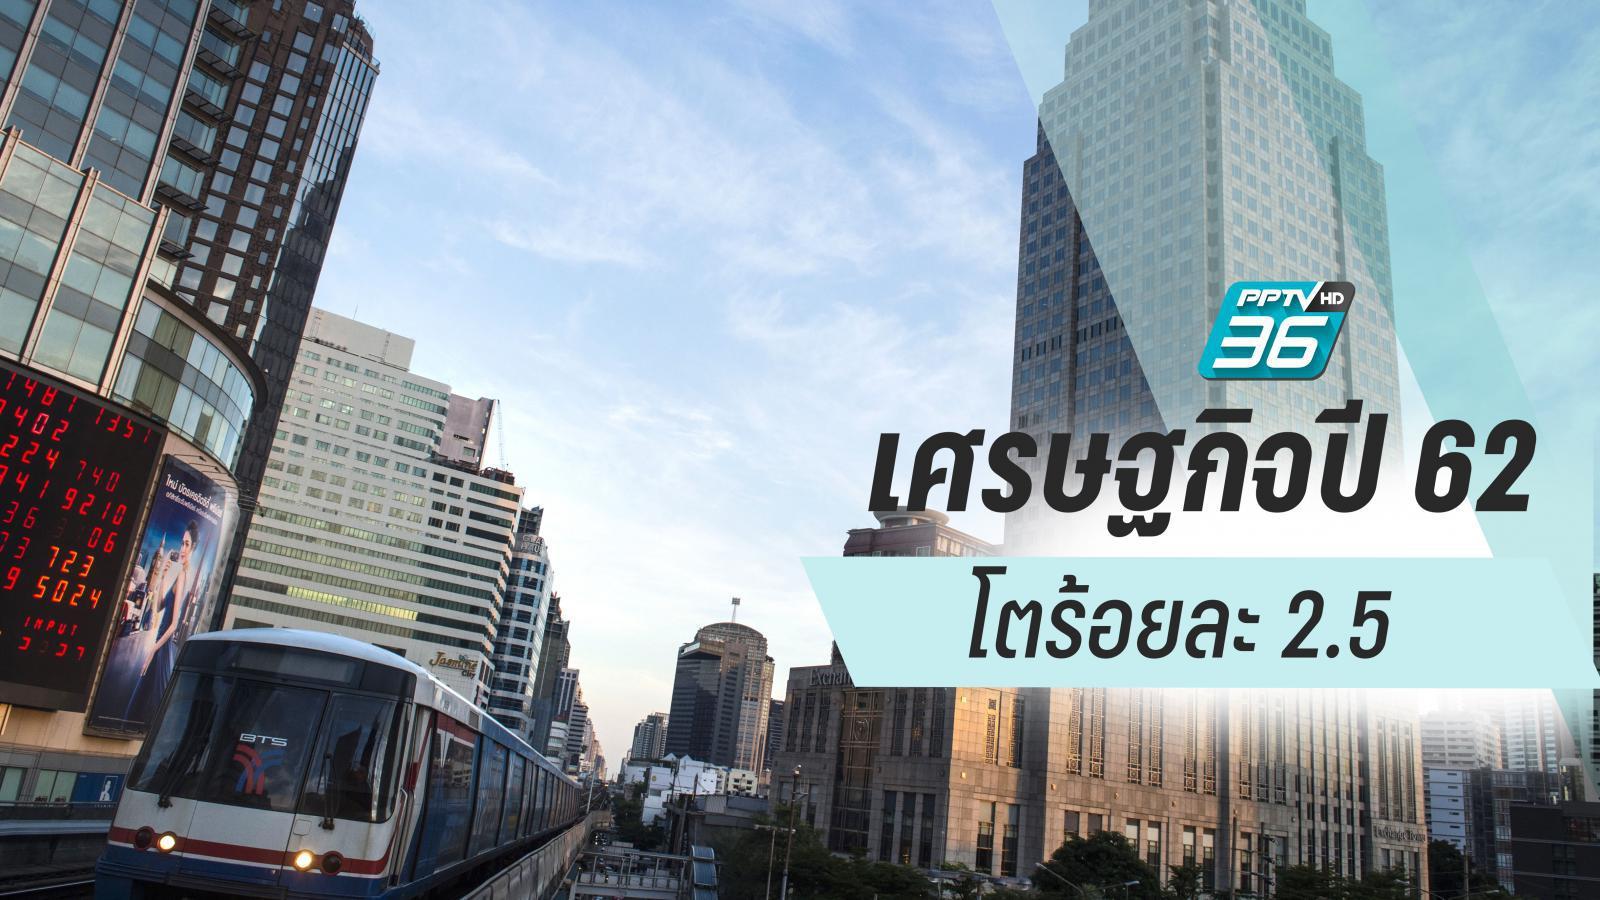 ปี 2562 เศรษฐกิจไทยโตร้อยละ 2.5 ชะลอลงจากปีก่อนหน้า